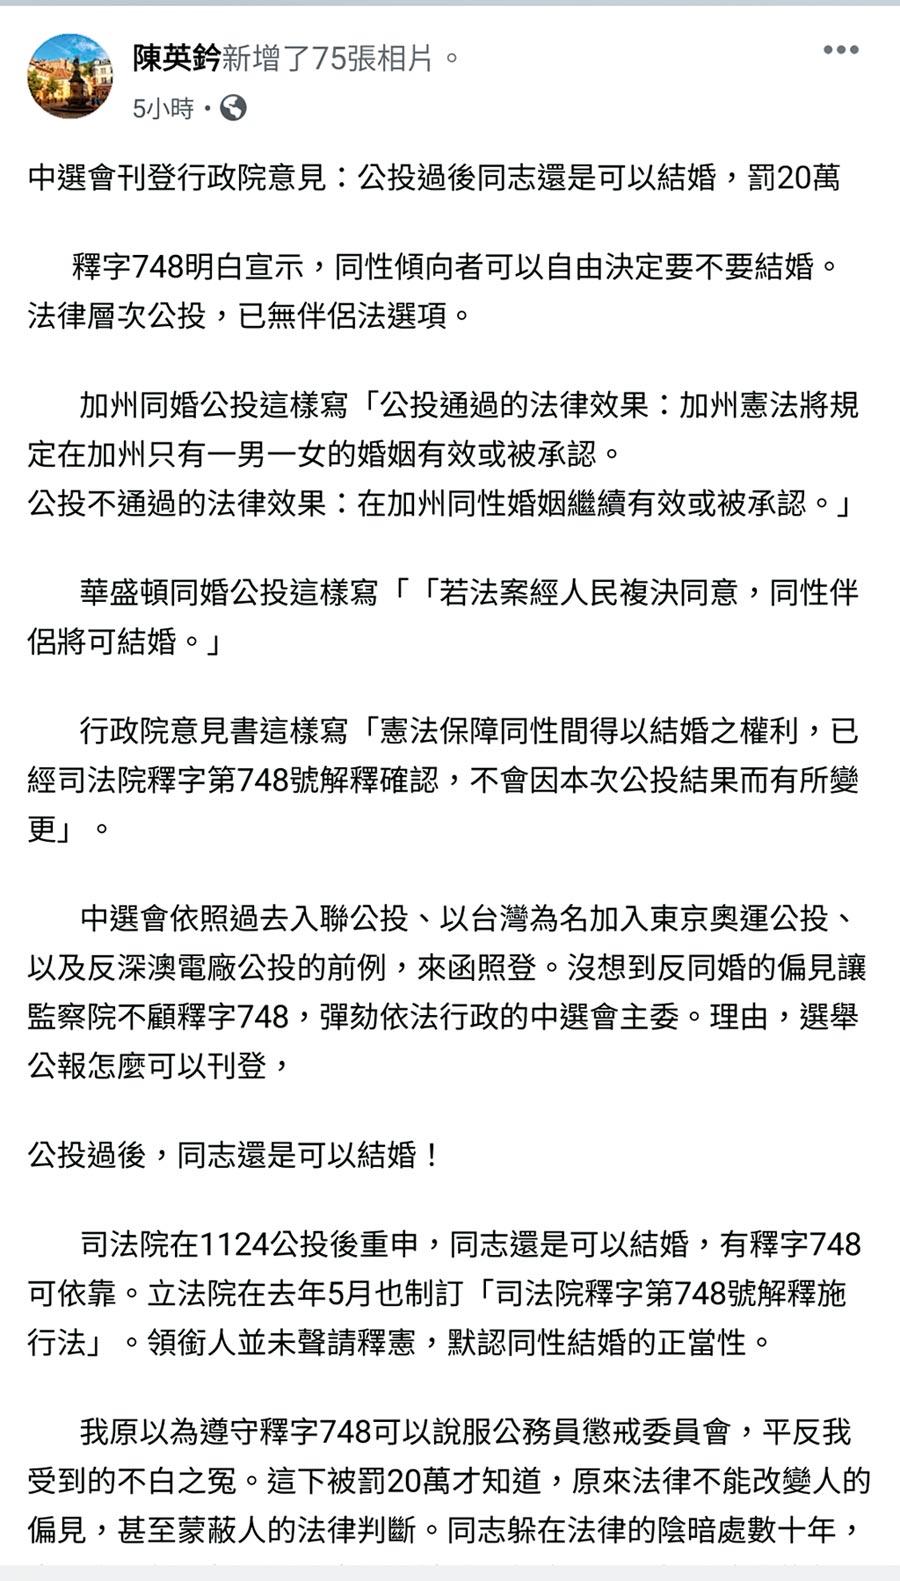 前中選會主委陳英鈐得知公懲會判決後,在臉書回應「被罰20萬才知法律不能改變偏見」。(翻拍臉書)